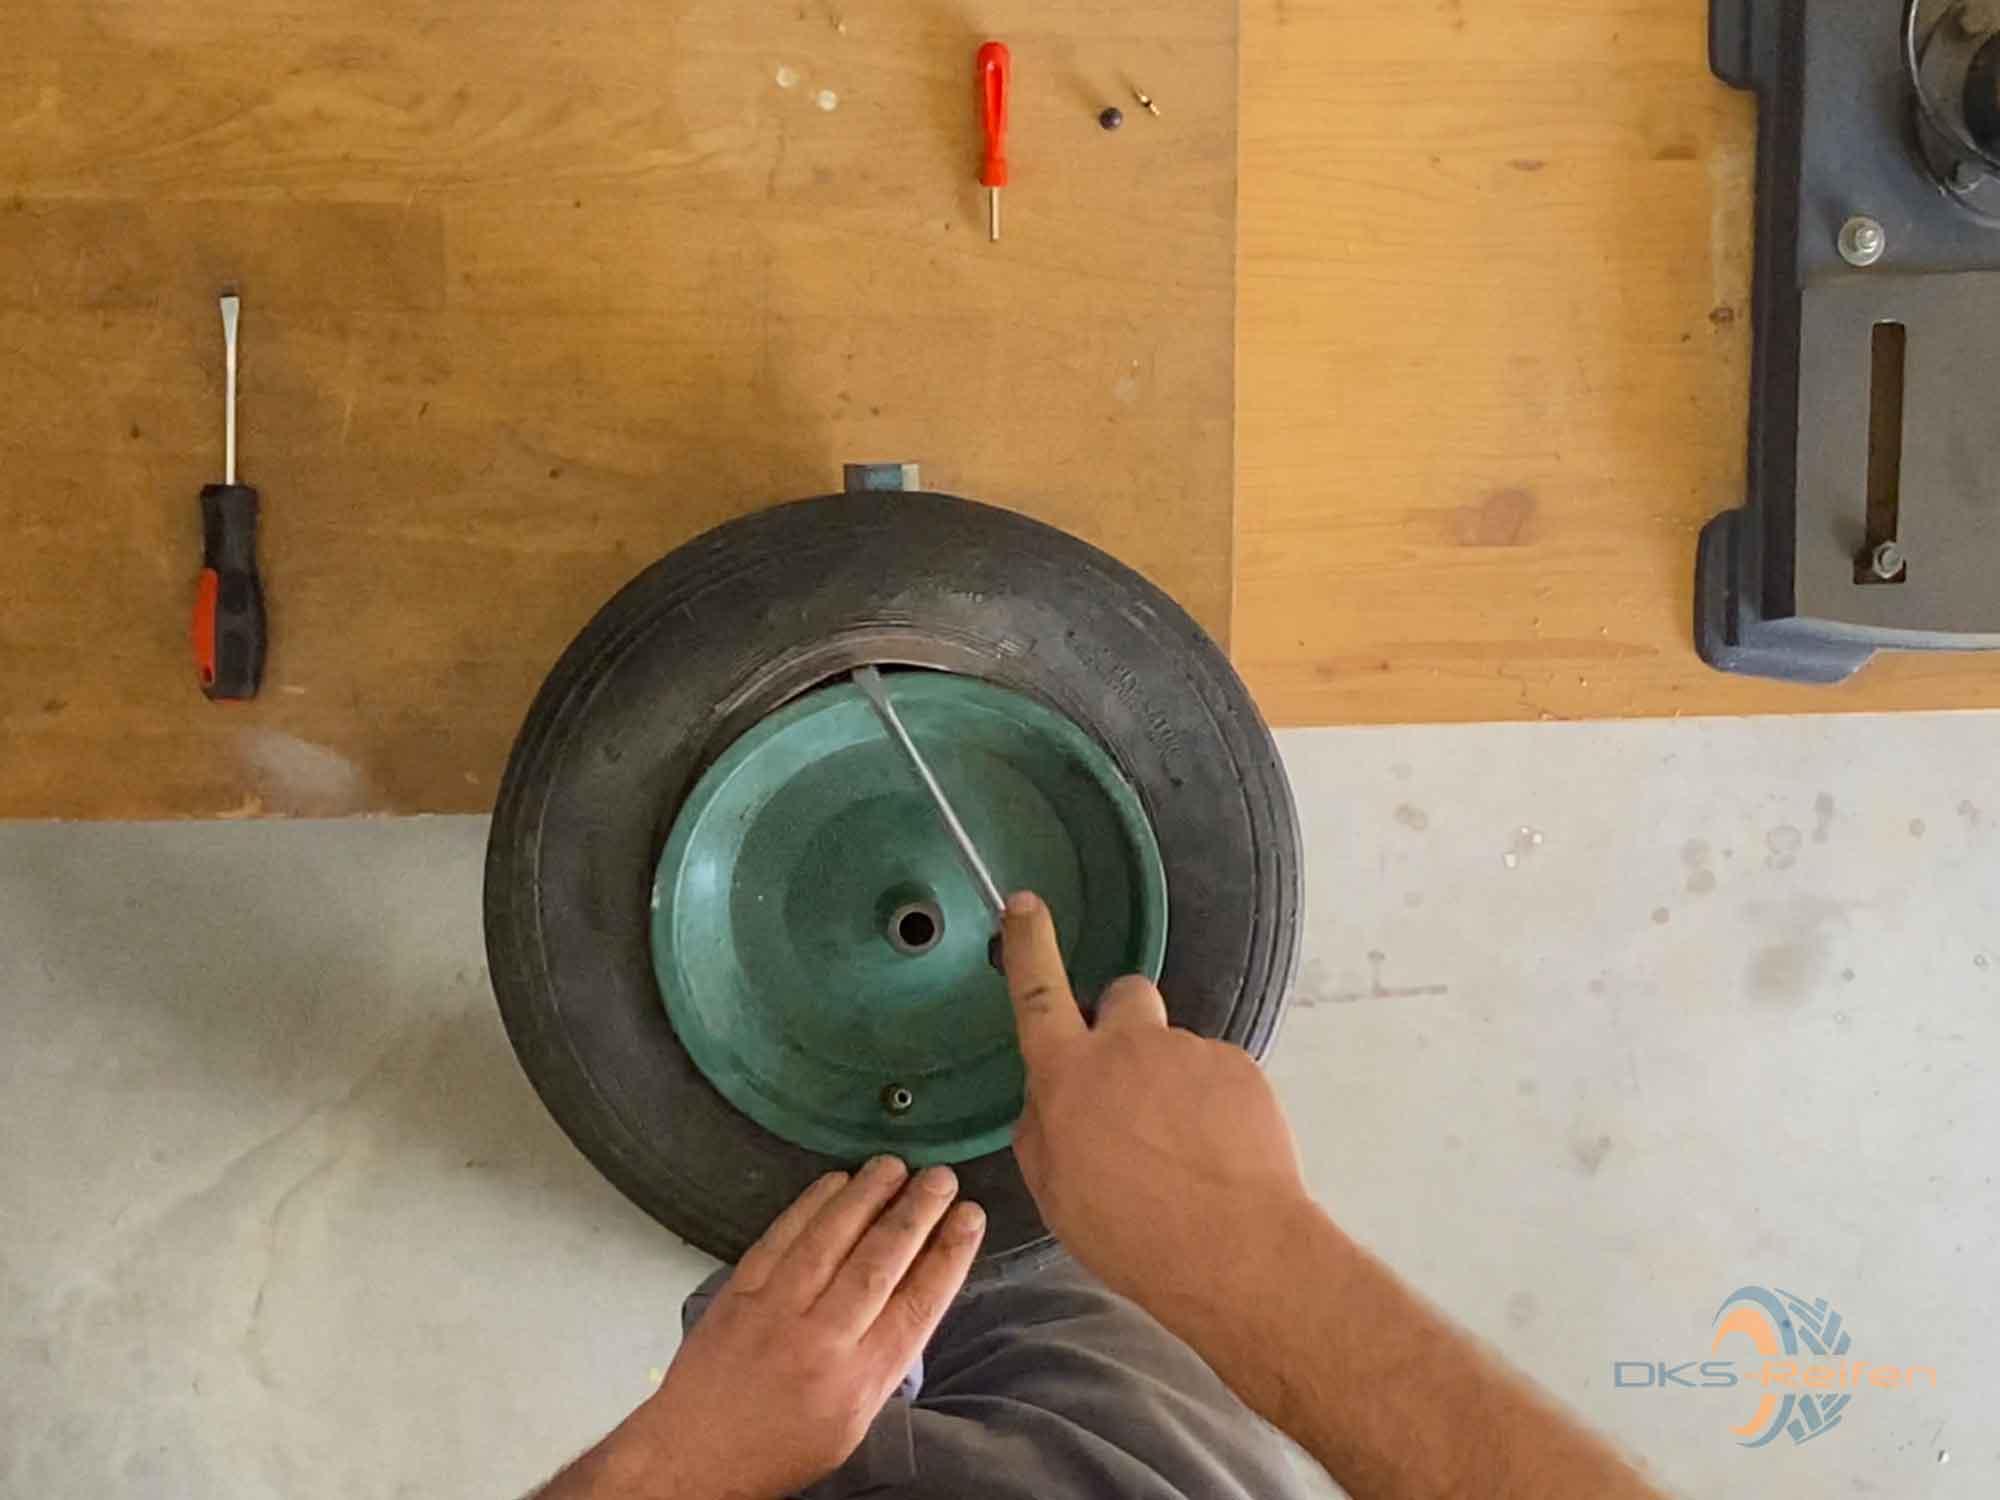 Schubkarrenrad wechseln: Demontage mit einem Schraubendreher